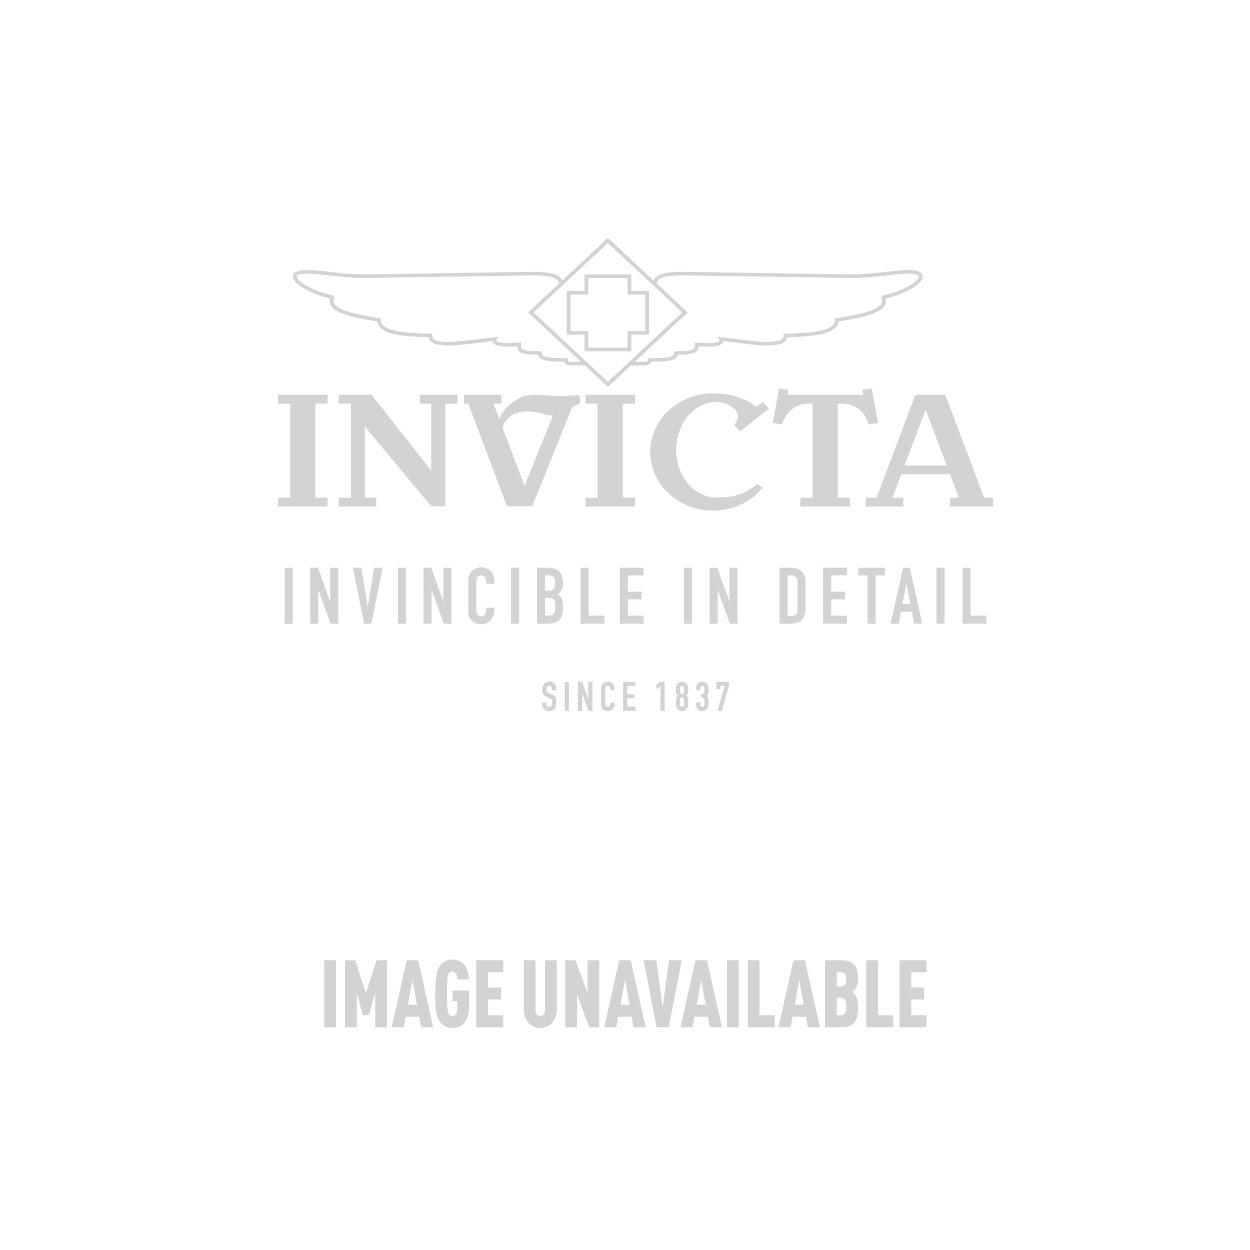 Invicta Model 27146